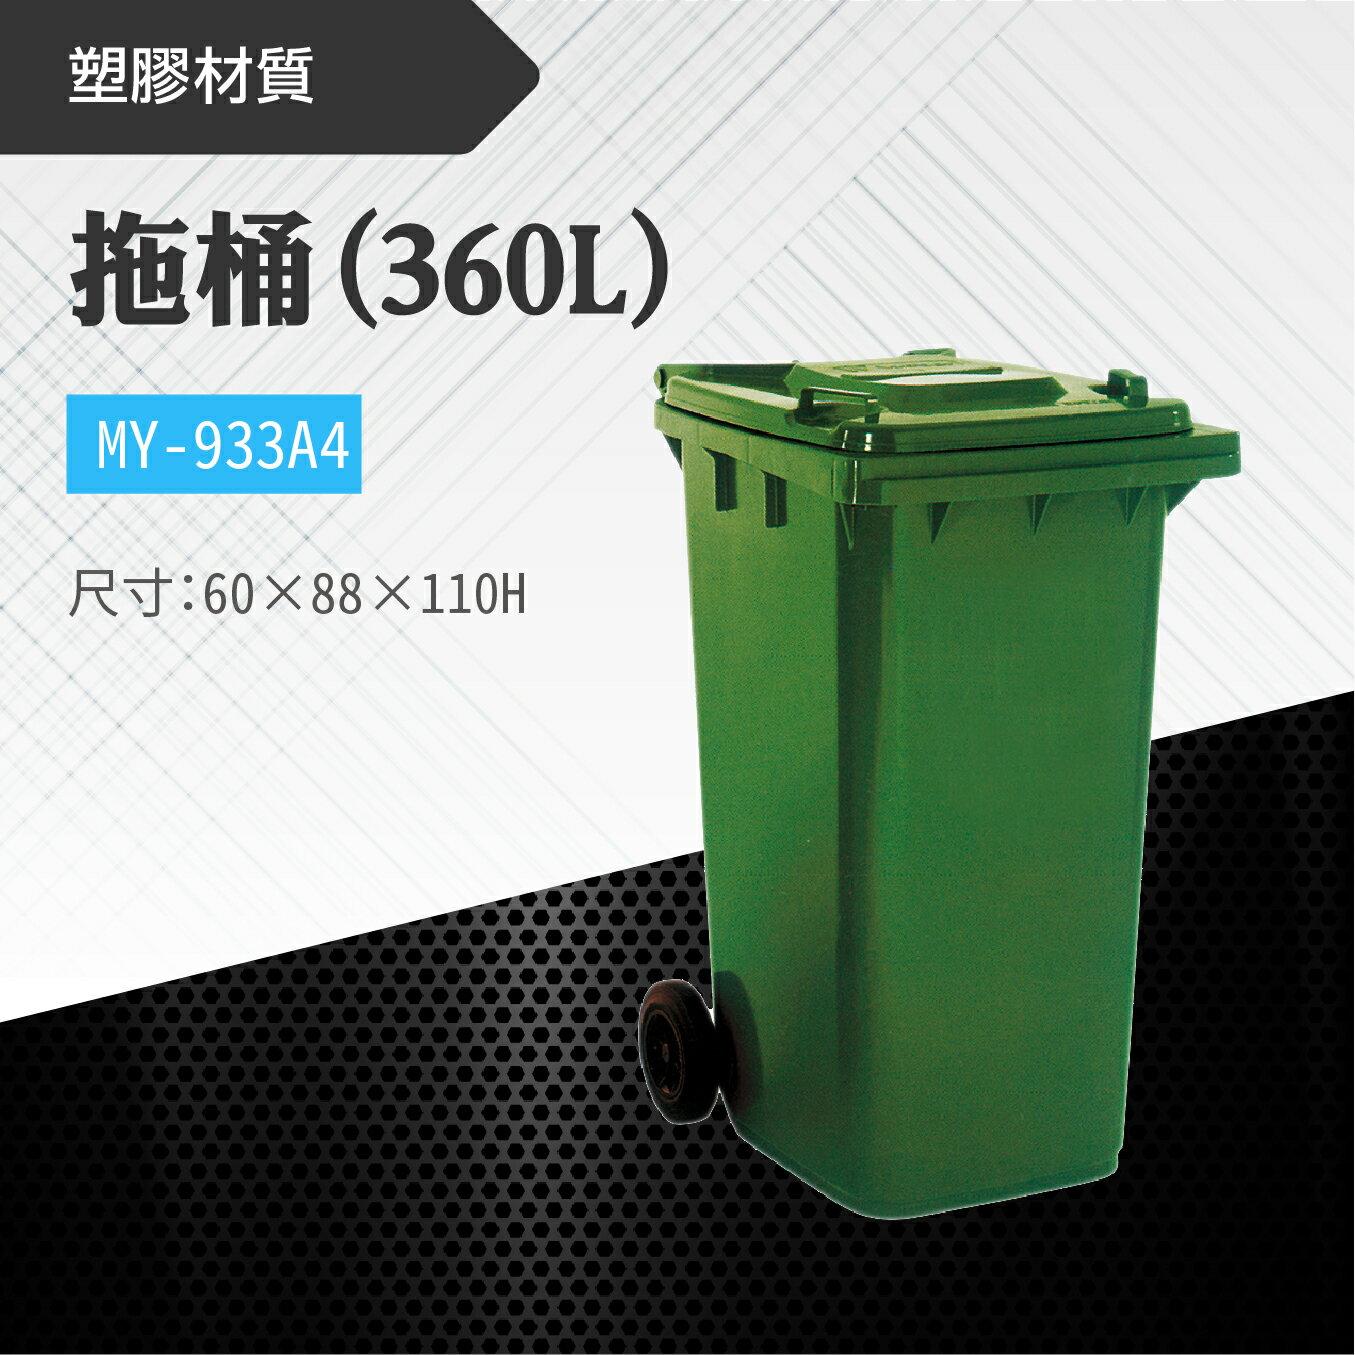 台灣製 拖桶垃圾桶MY-933A4 清潔箱 垃圾桶 回收桶 分類桶 清潔 公園 街道 捷運 車站 公共空間